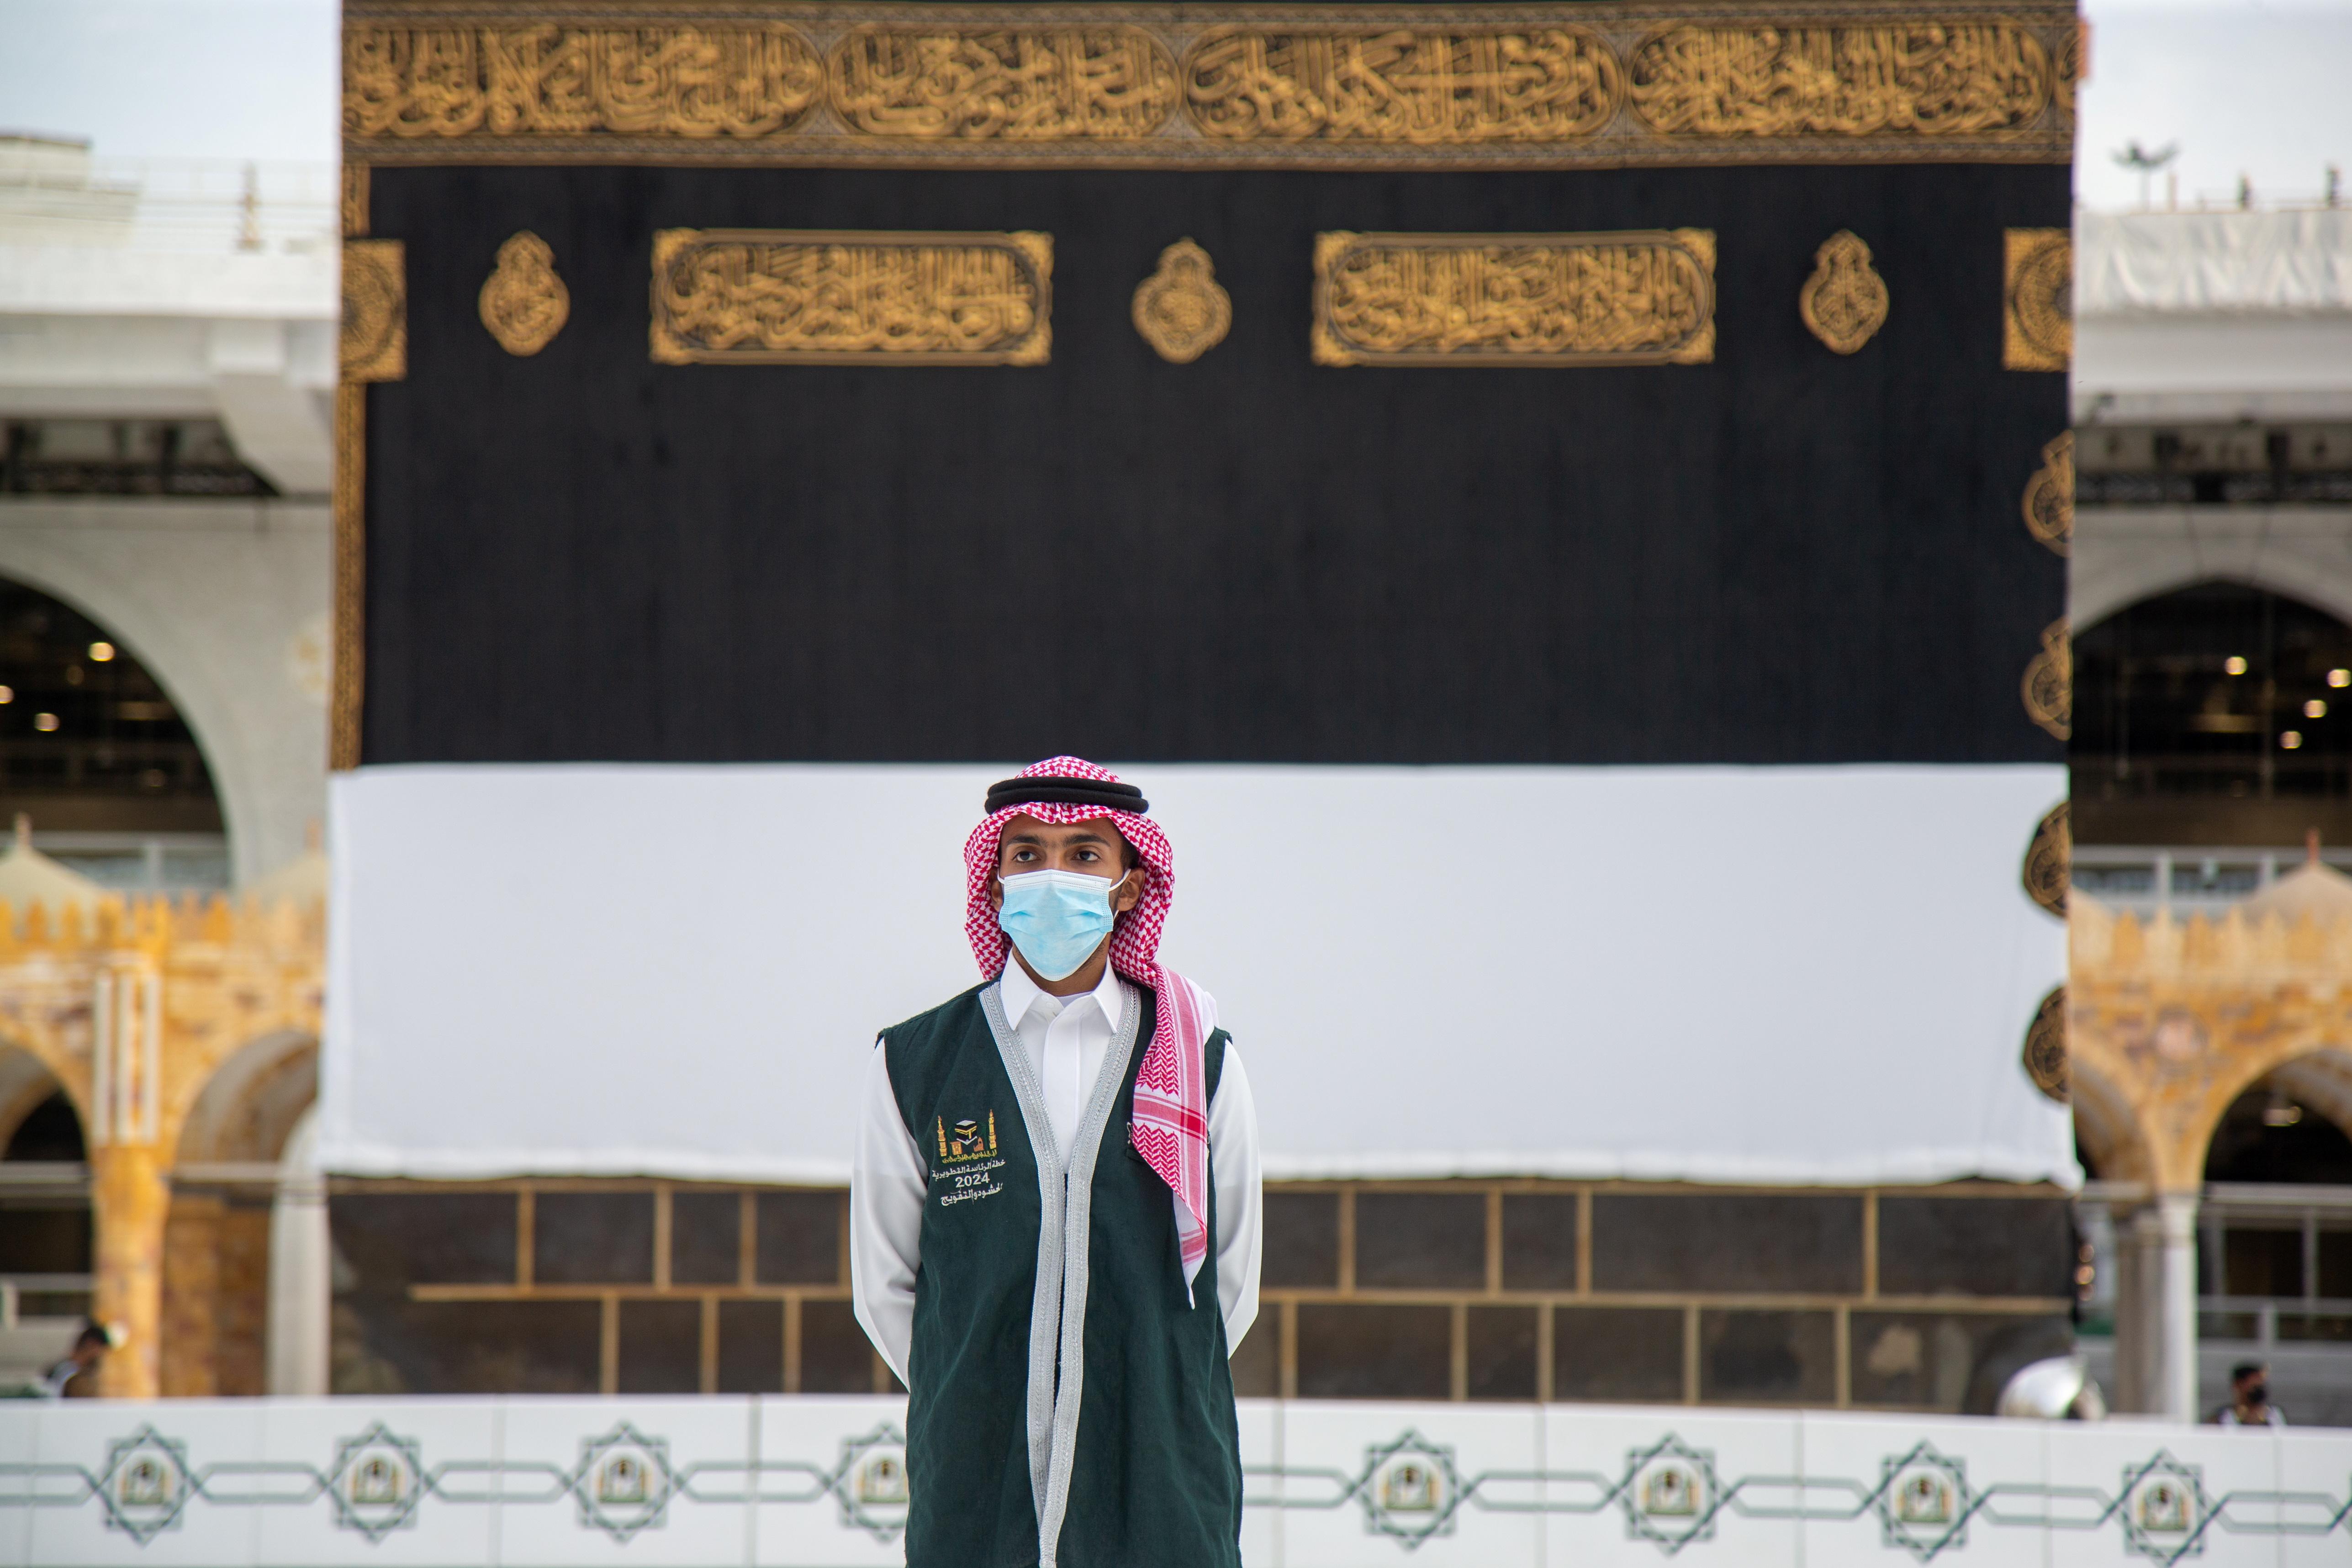 काबा के सामने मास्क पहन कर खड़े हज मंत्रालय के एक अधिकारी।